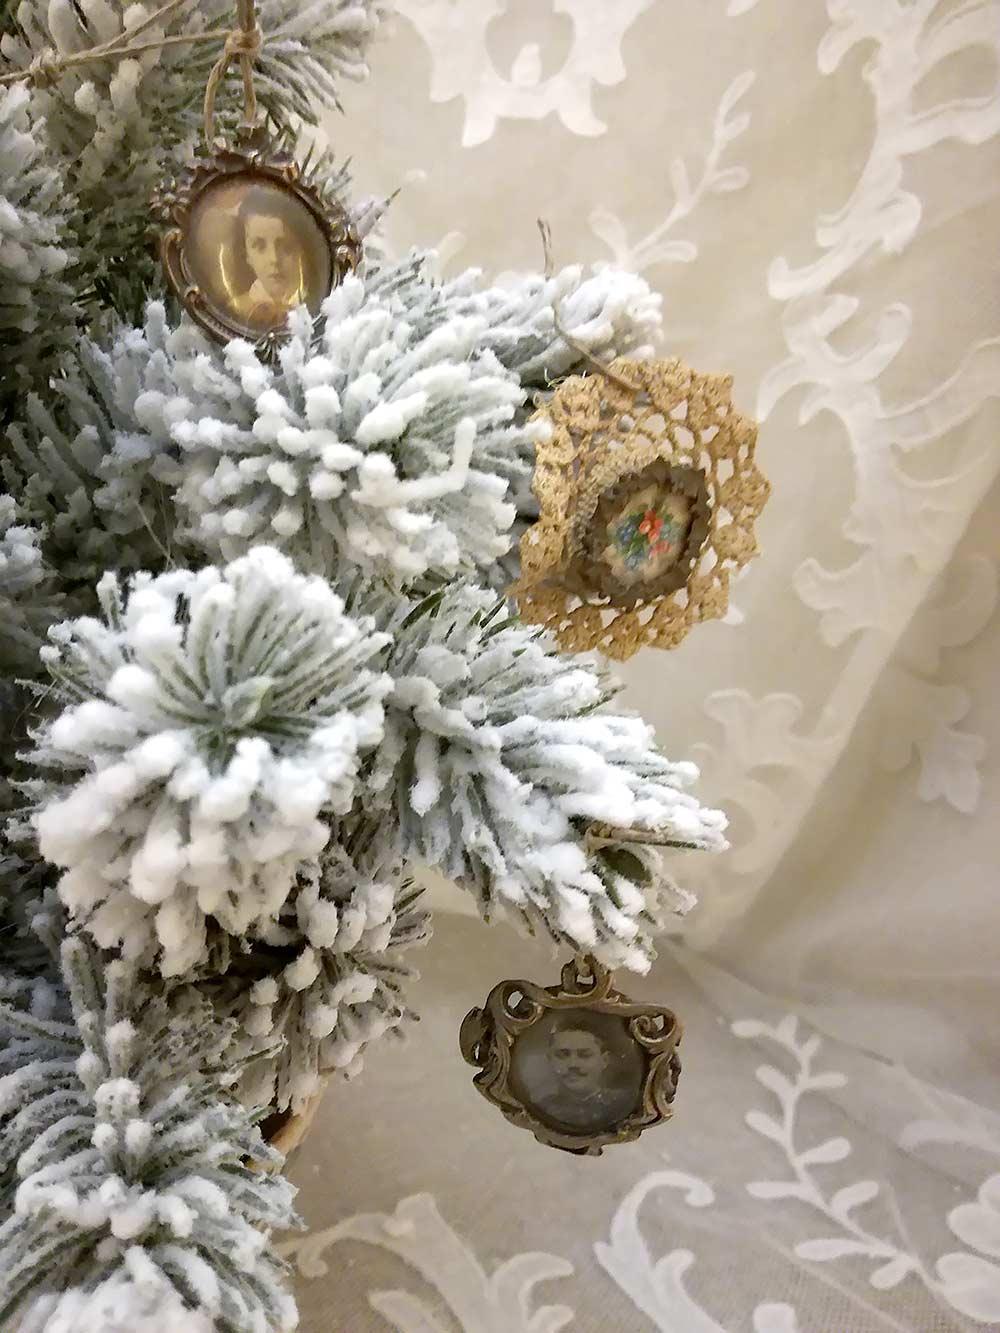 Antiche Immagini Di Natale.Decorazioni Di Natale Antiche L Albero Di Natale In Stile Brocante